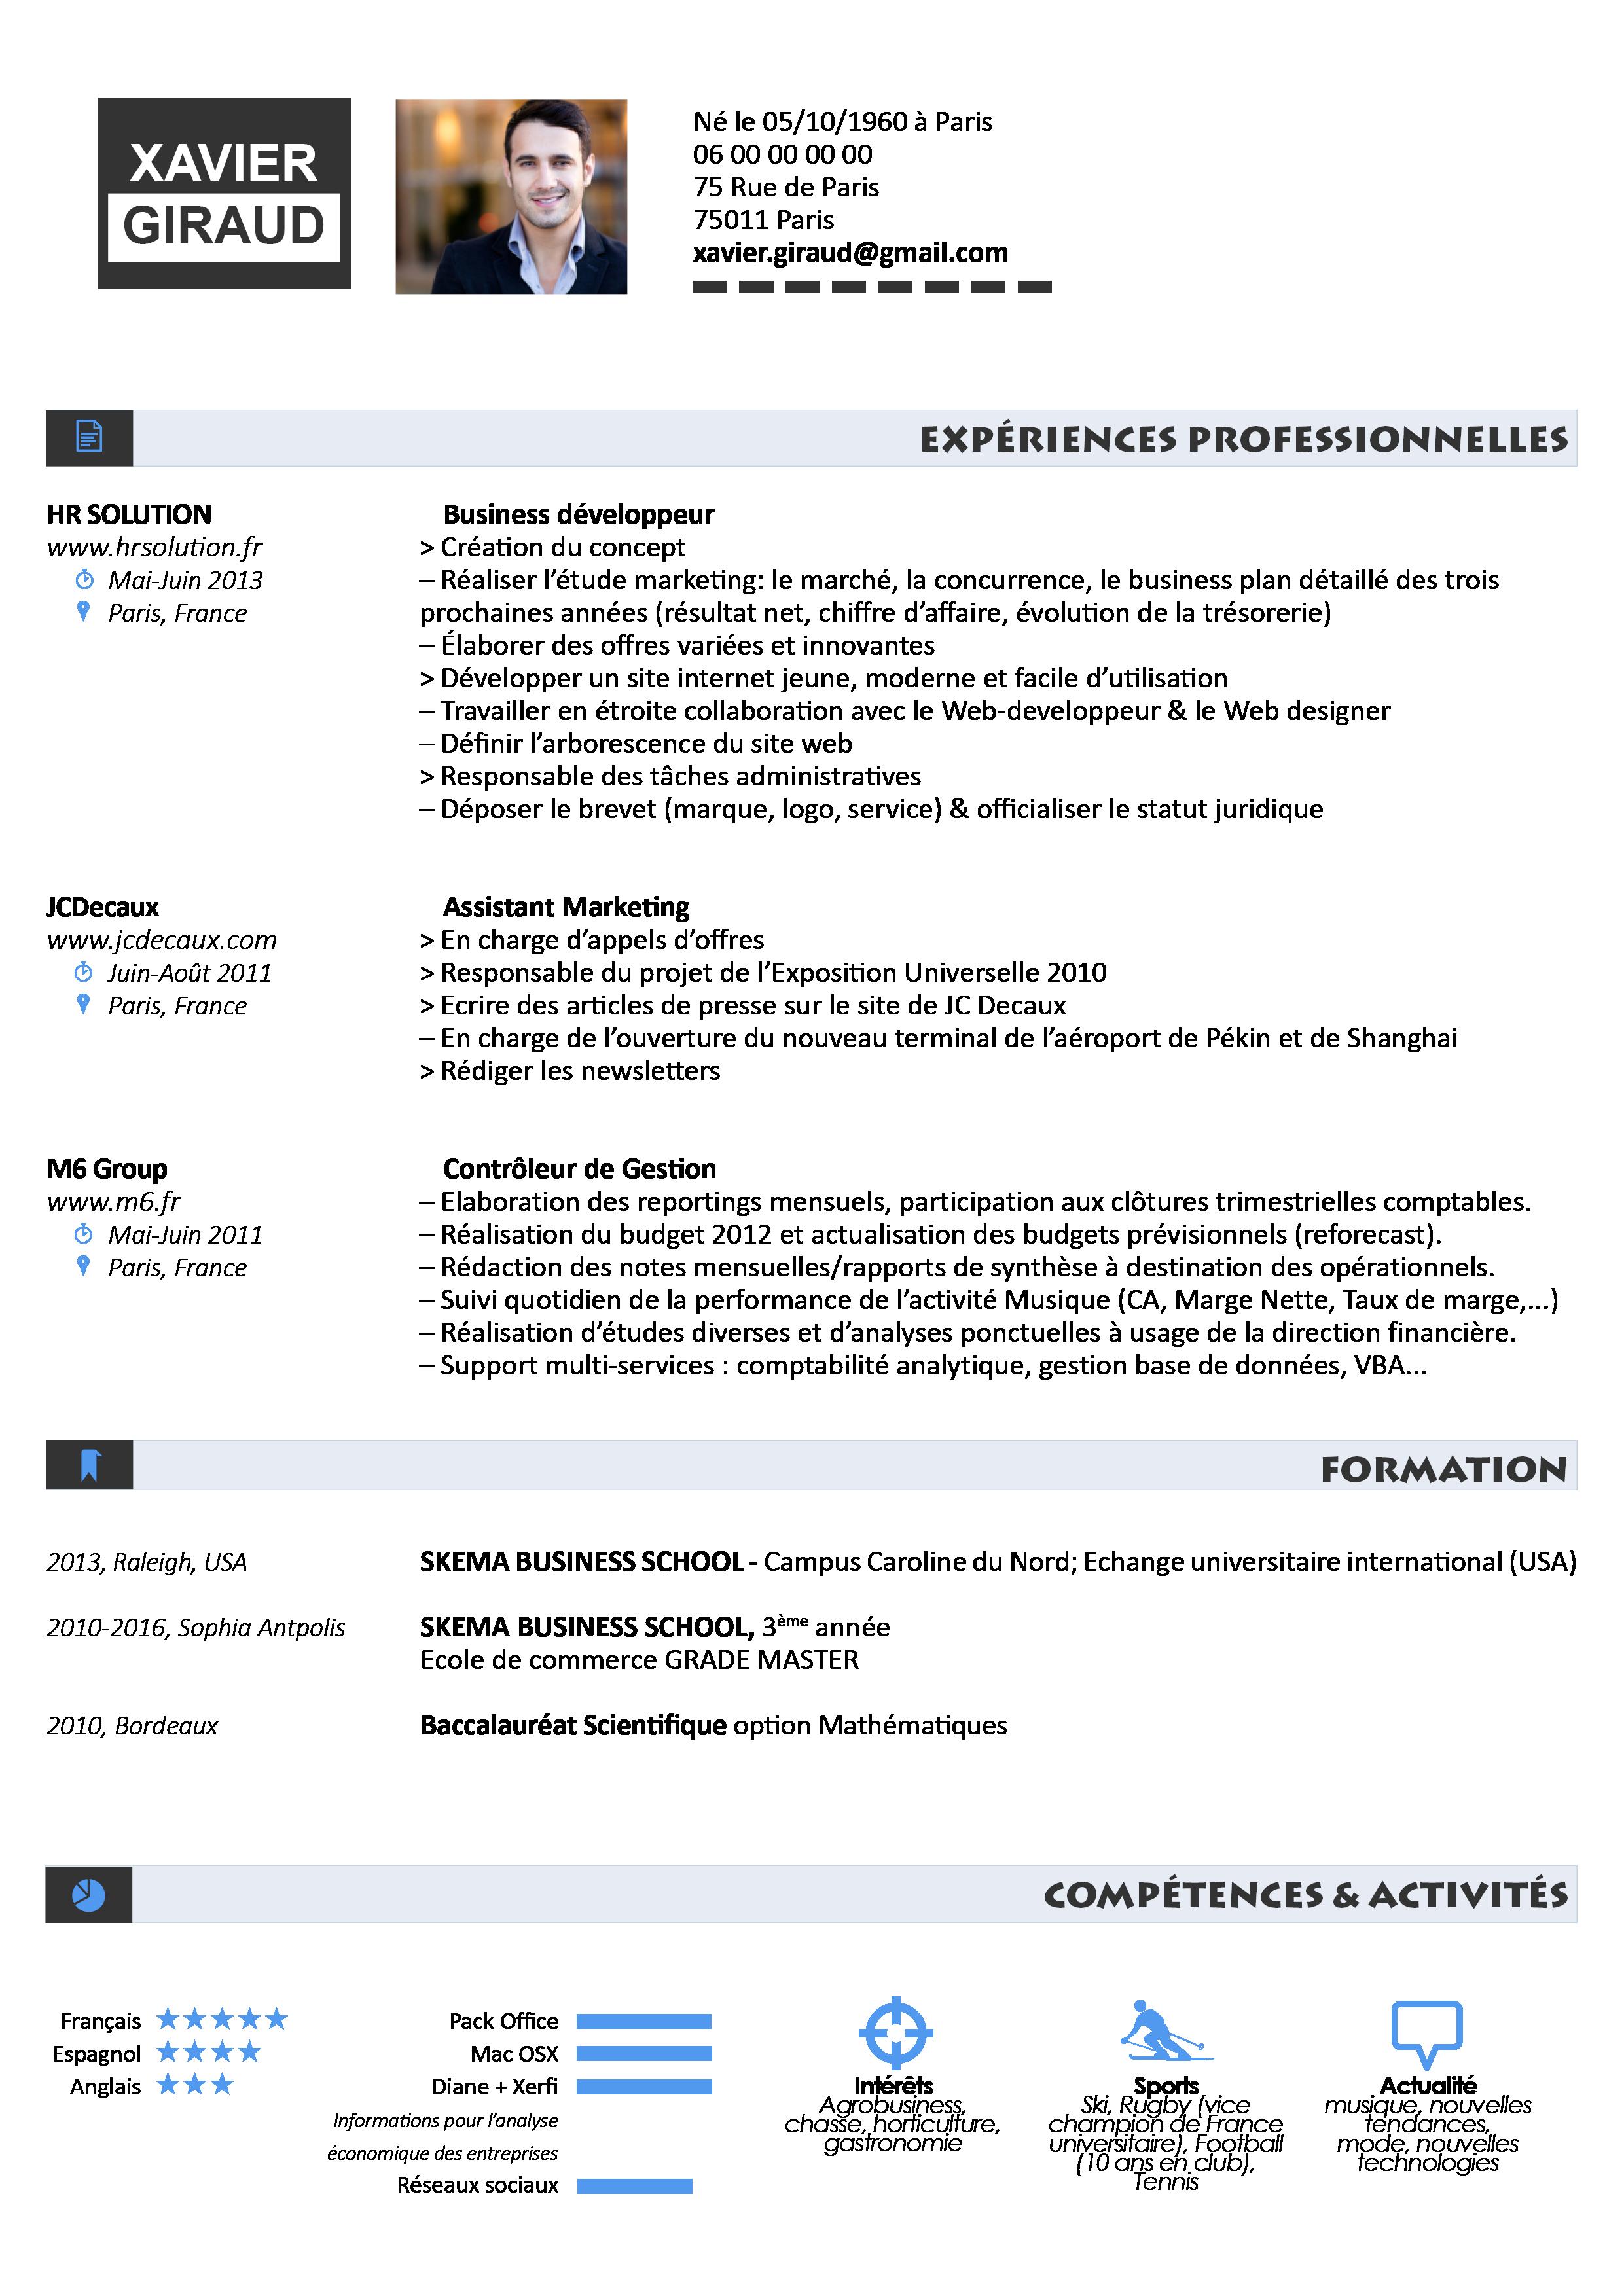 exemple de synth u00e8se pour un cv